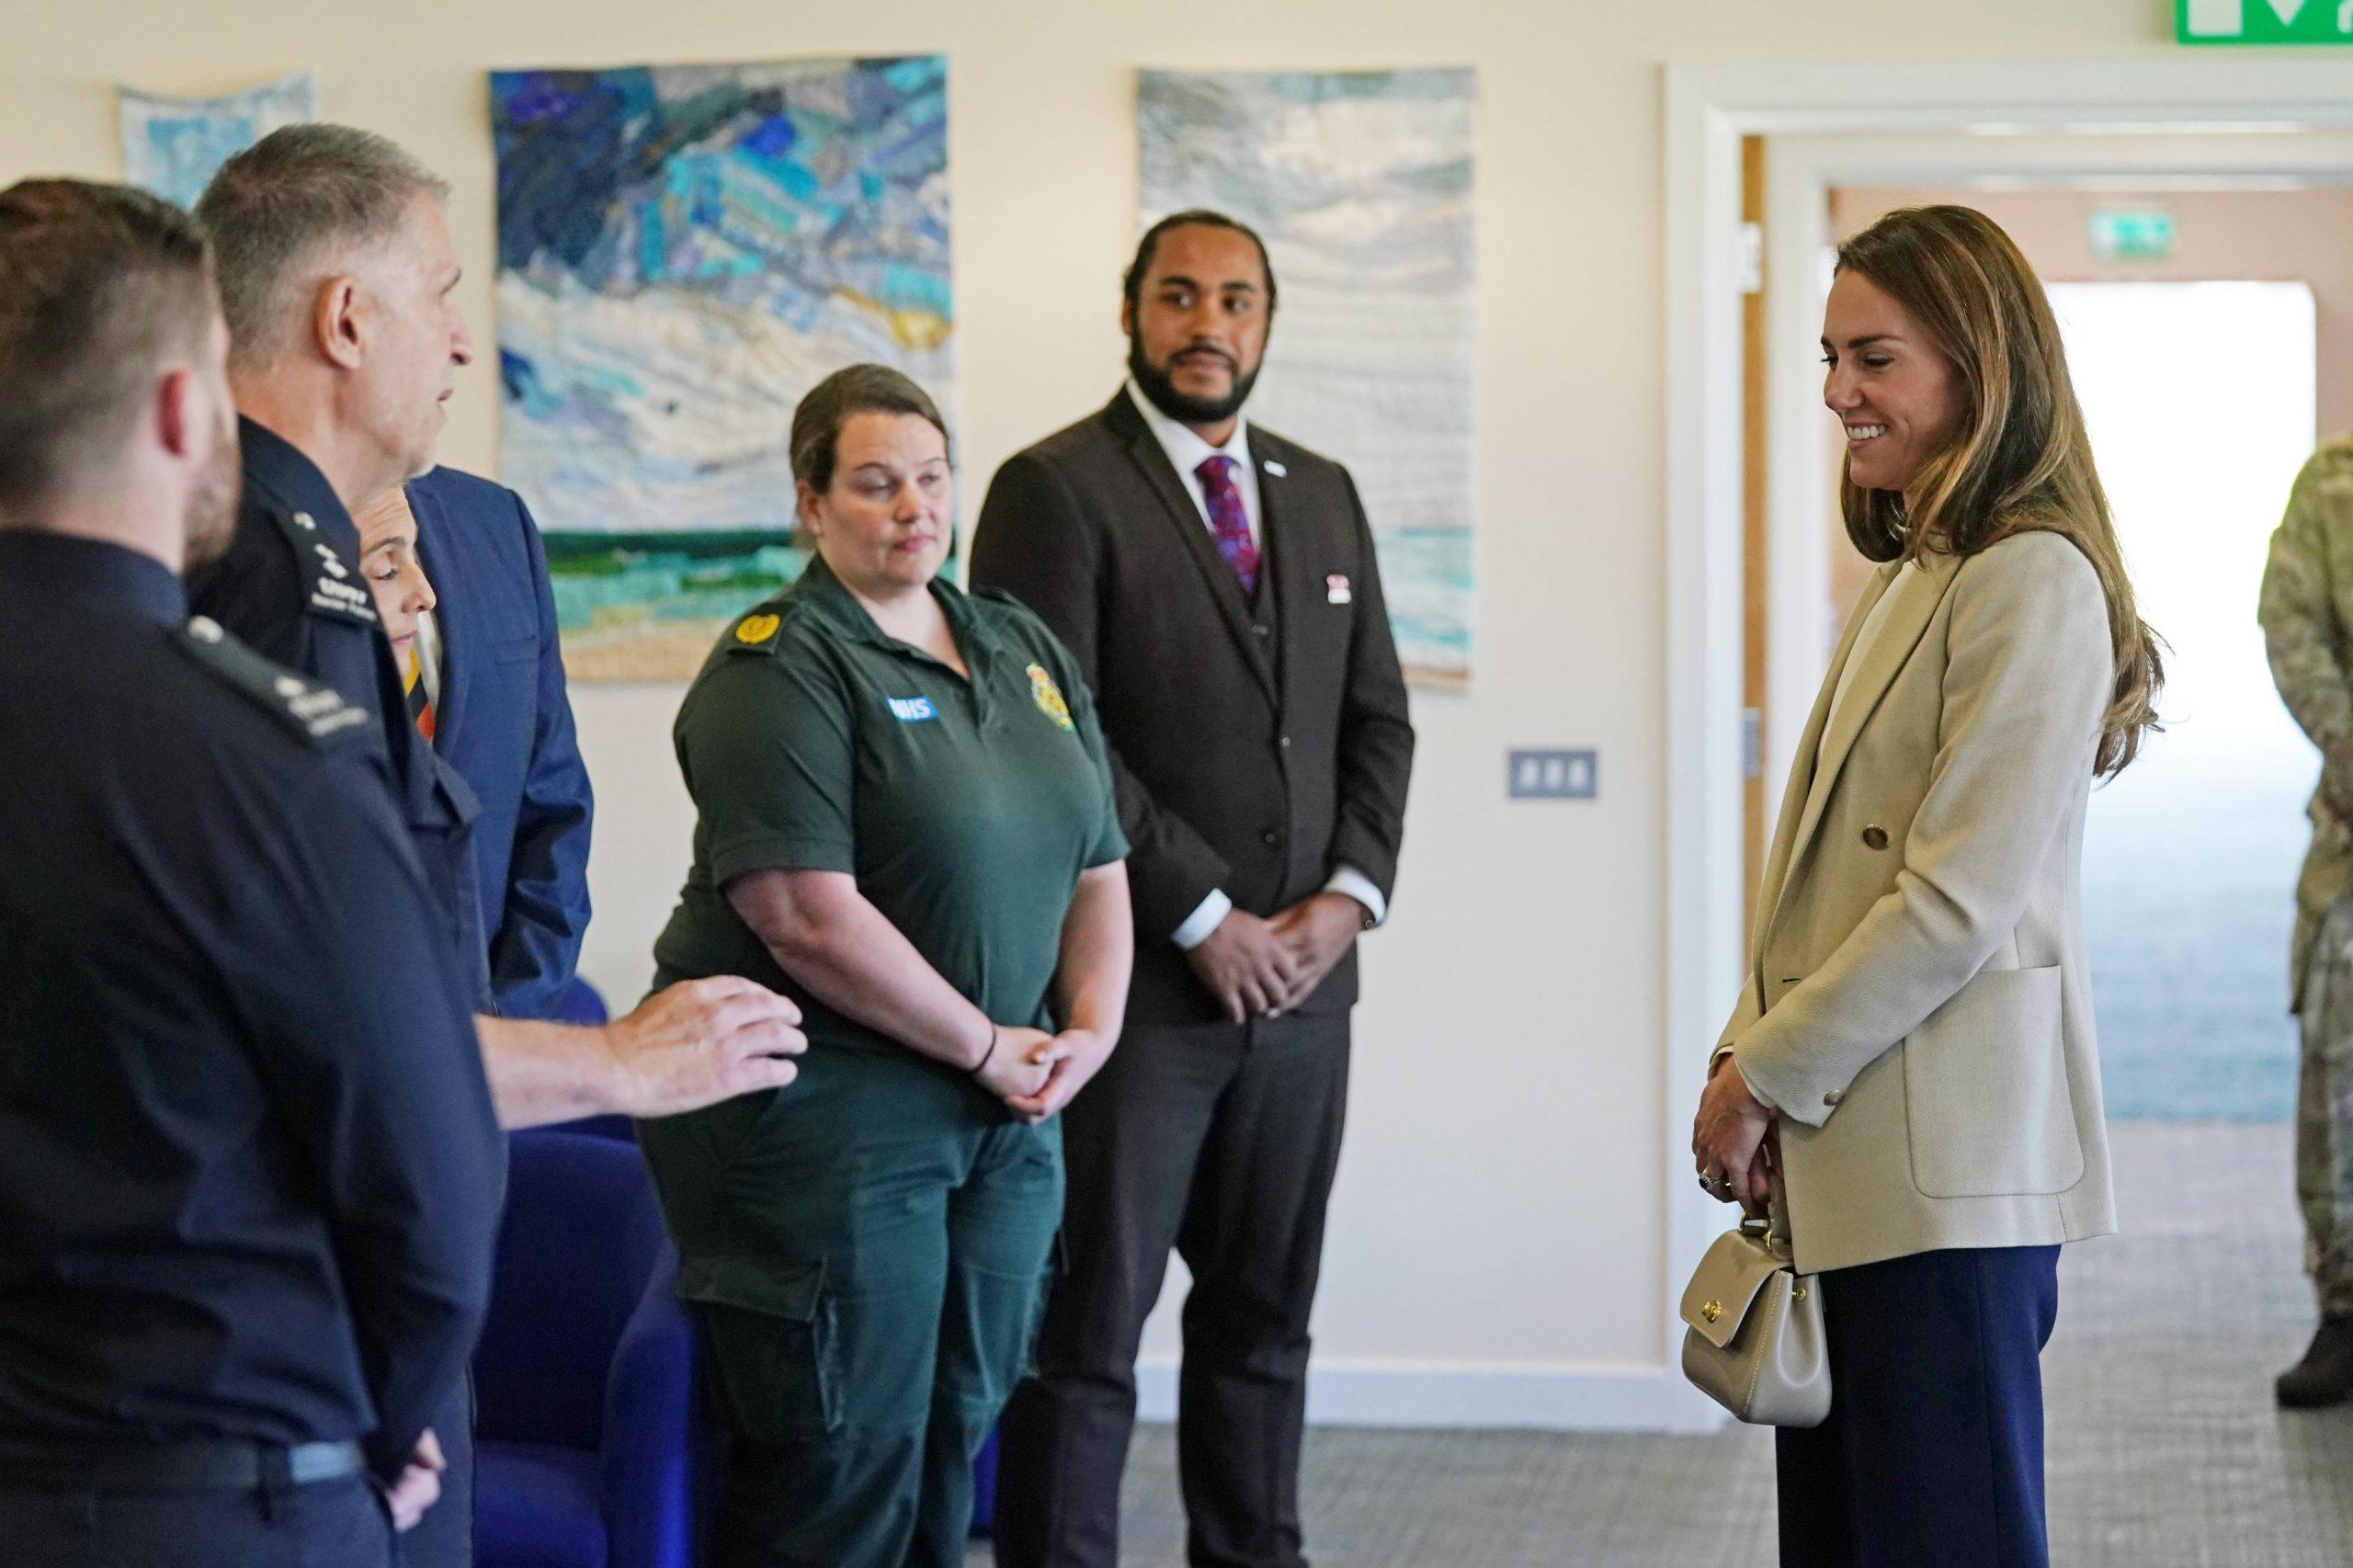 Kate Middleton en tenue à BRIZE NORTON, ANGLETERRE - 15 SEPTEMBRE : Catherine, duchesse de Cambridge arrive pour rencontrer ceux qui ont soutenu l'évacuation des civils britanniques d'Afghanistan, à la RAF Brize Norton le 15 septembre 2021 à Brize Norton, Angleterre. L'opération PITTING, la plus grande opération d'aide humanitaire depuis plus de 70 ans, s'est déroulée du 14 au 28 août, où plus de 15 000 personnes ont été évacuées de Kaboul par la Royal Air Force. (Photo par Chris Jackson/Getty Images)